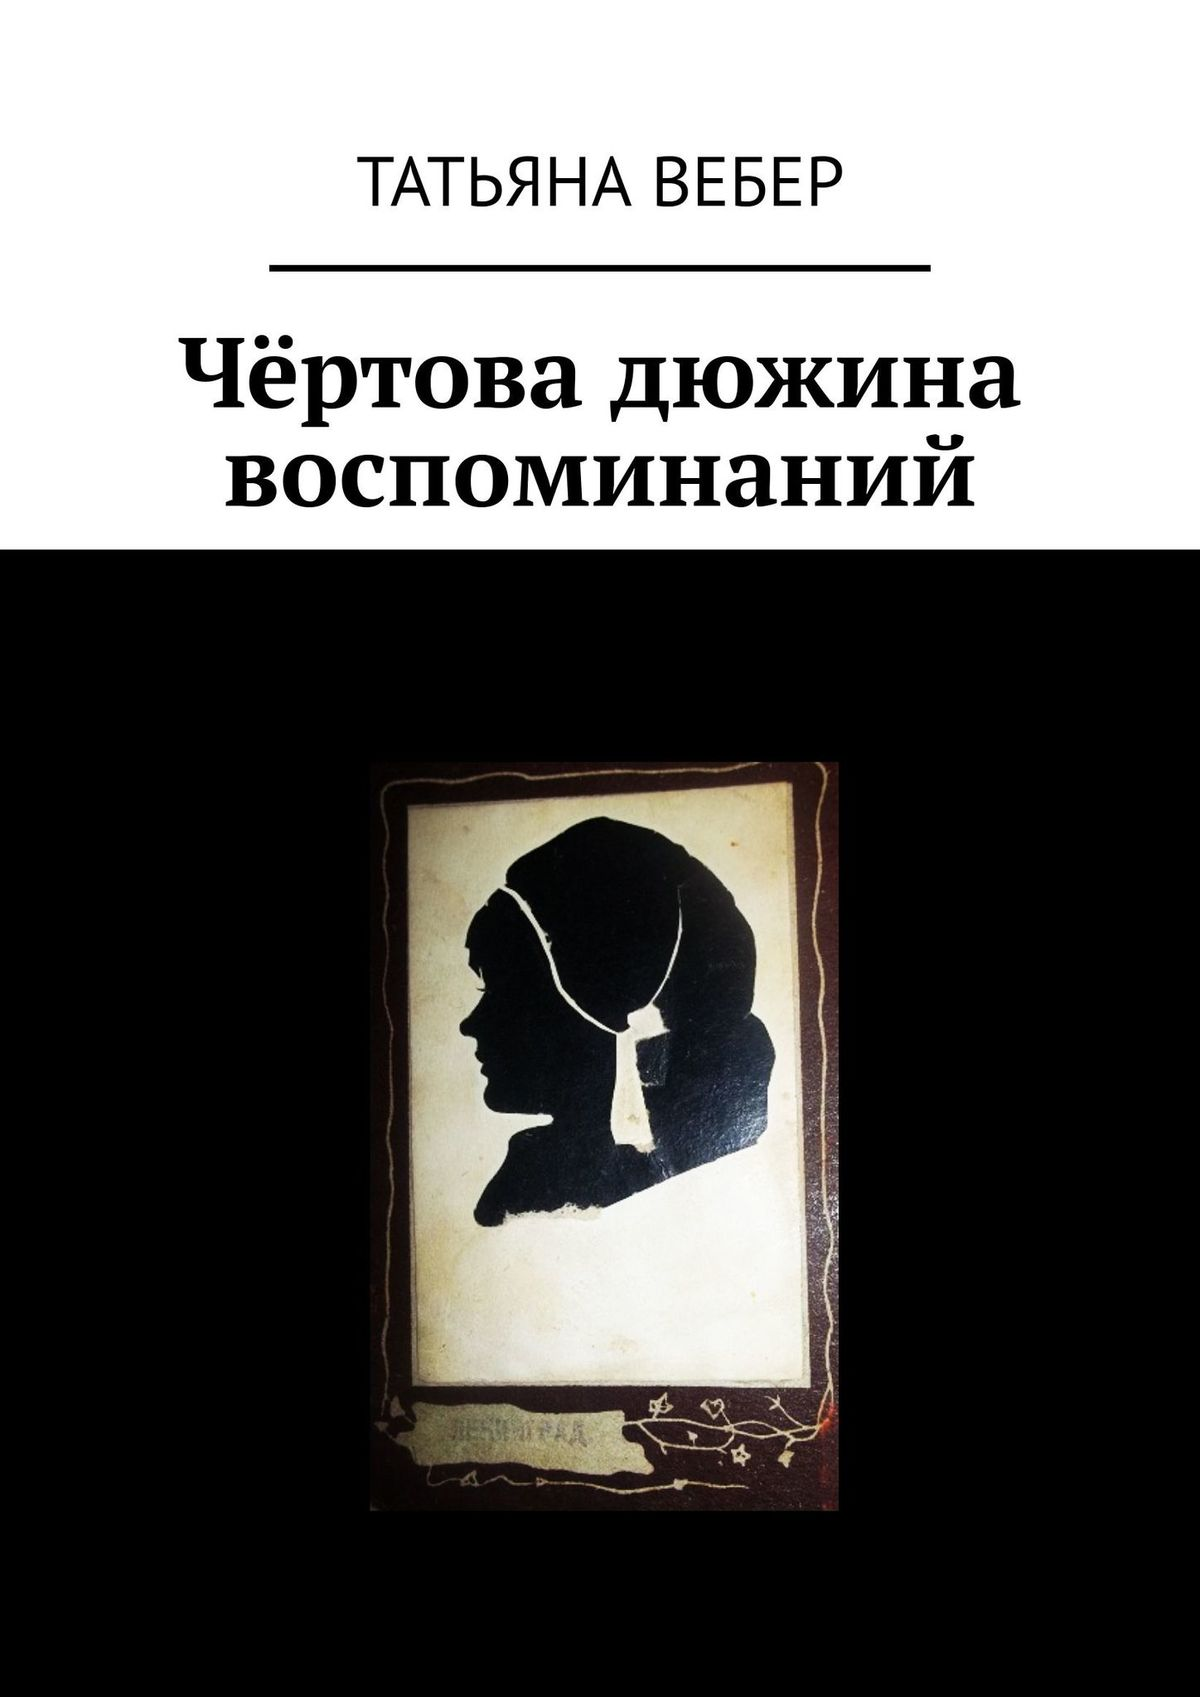 Татьяна Вебер Чёртова дюжина воспоминаний александр беляев чёртова мельница